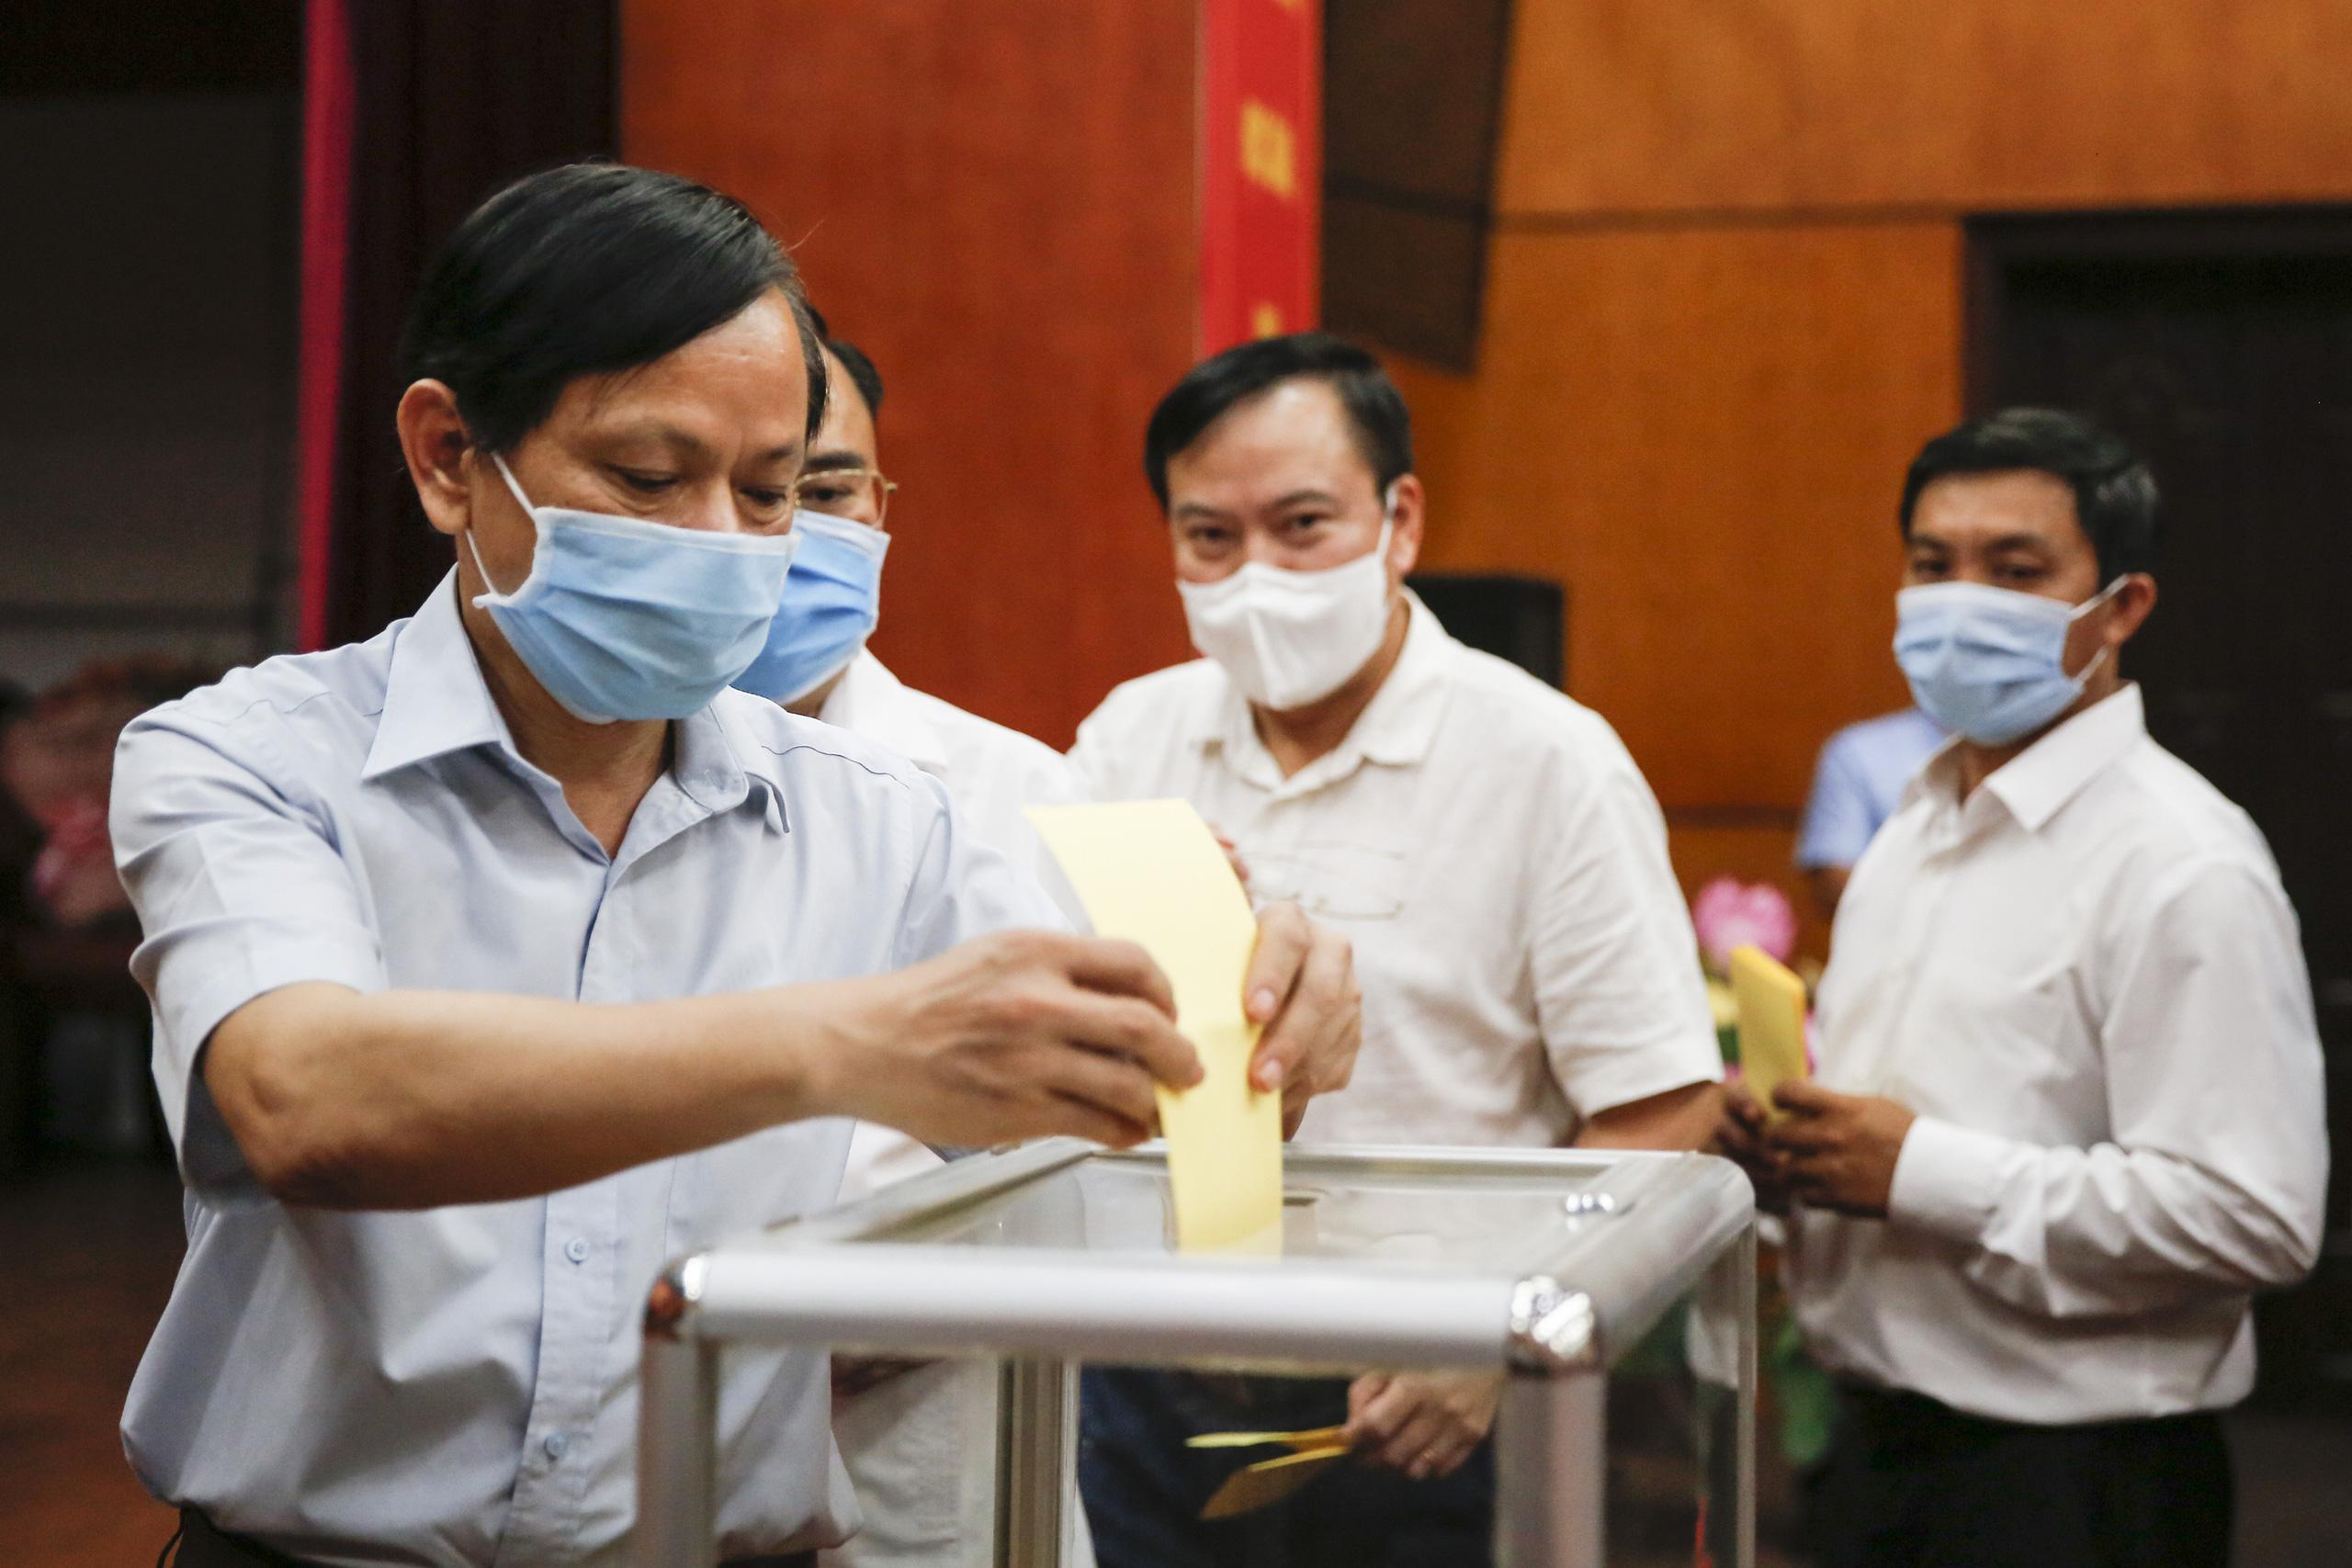 Ông Lương Quốc Đoàn được bầu giữ chức Chủ tịch Hội Nông dân Việt Nam - Ảnh 2.